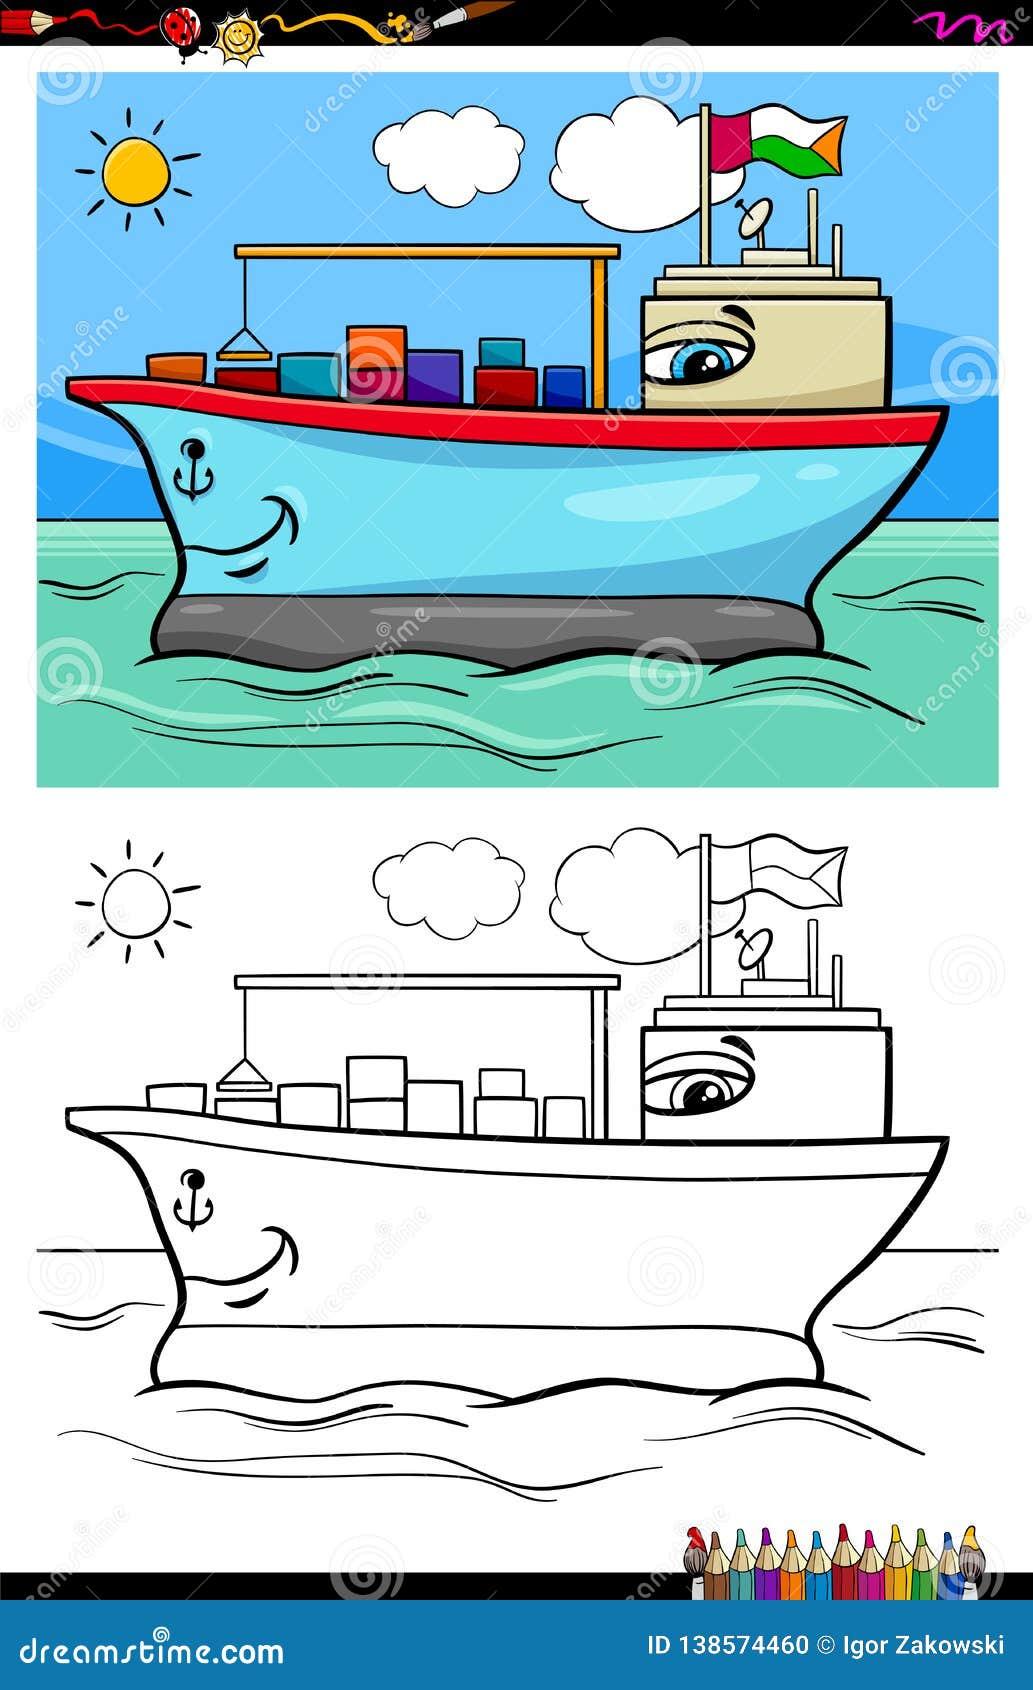 Coloriage Bateau Coule.Livre De Coloriage De Caractere De Navire Porte Conteneurs